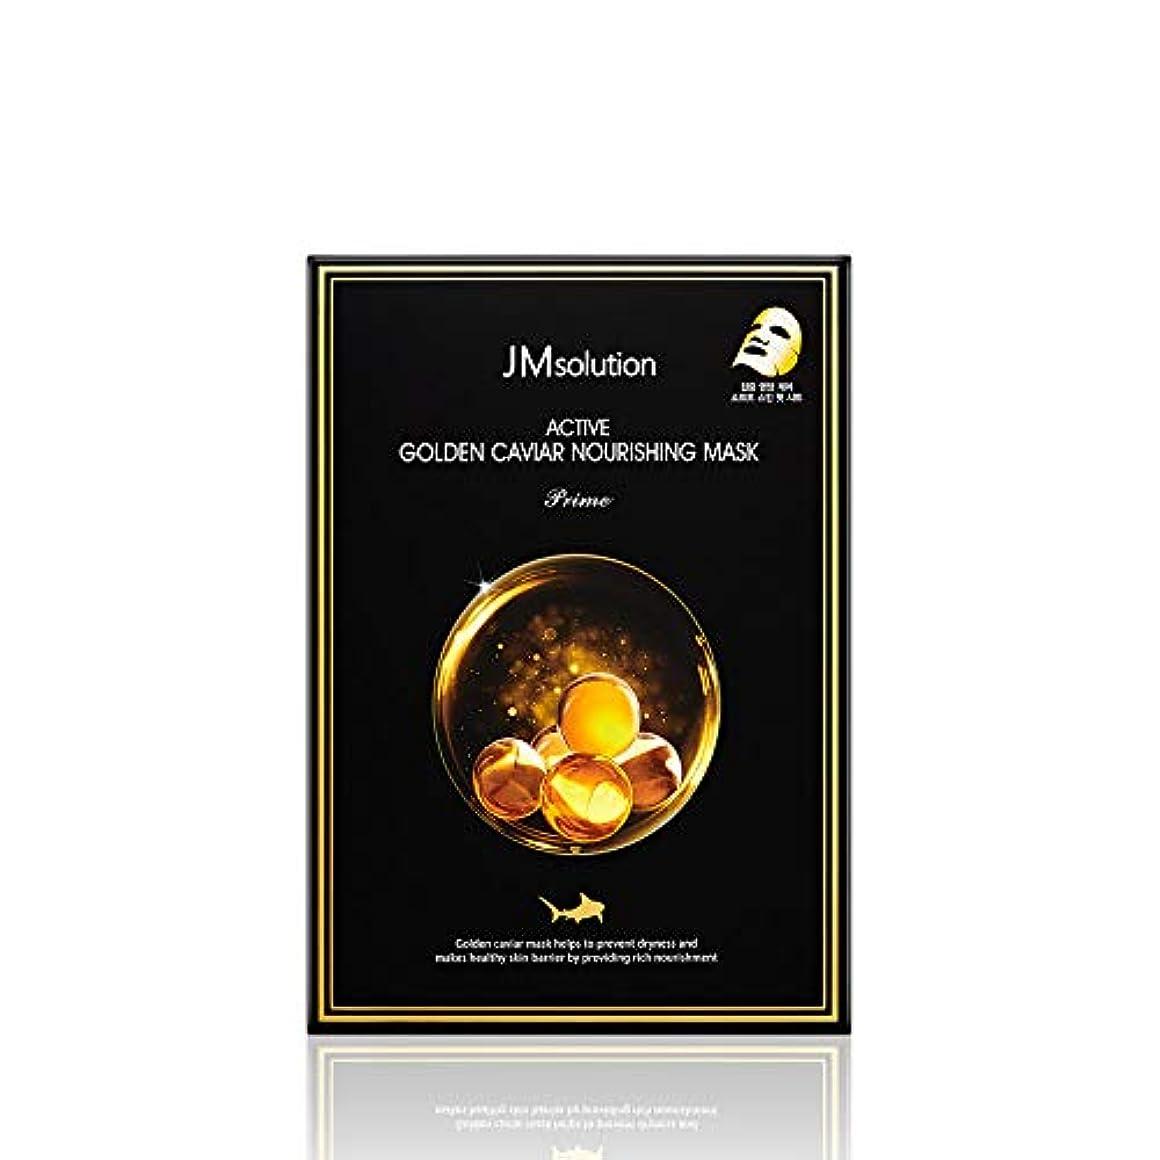 ランダムシュリンク拍車JMソリューション(JM Solution) 乾燥肌のためのアクティブゴールデンキャビア栄養マスクプライム 30mlx10P / Active Golden Caviar Nourishing Mask Prime For...